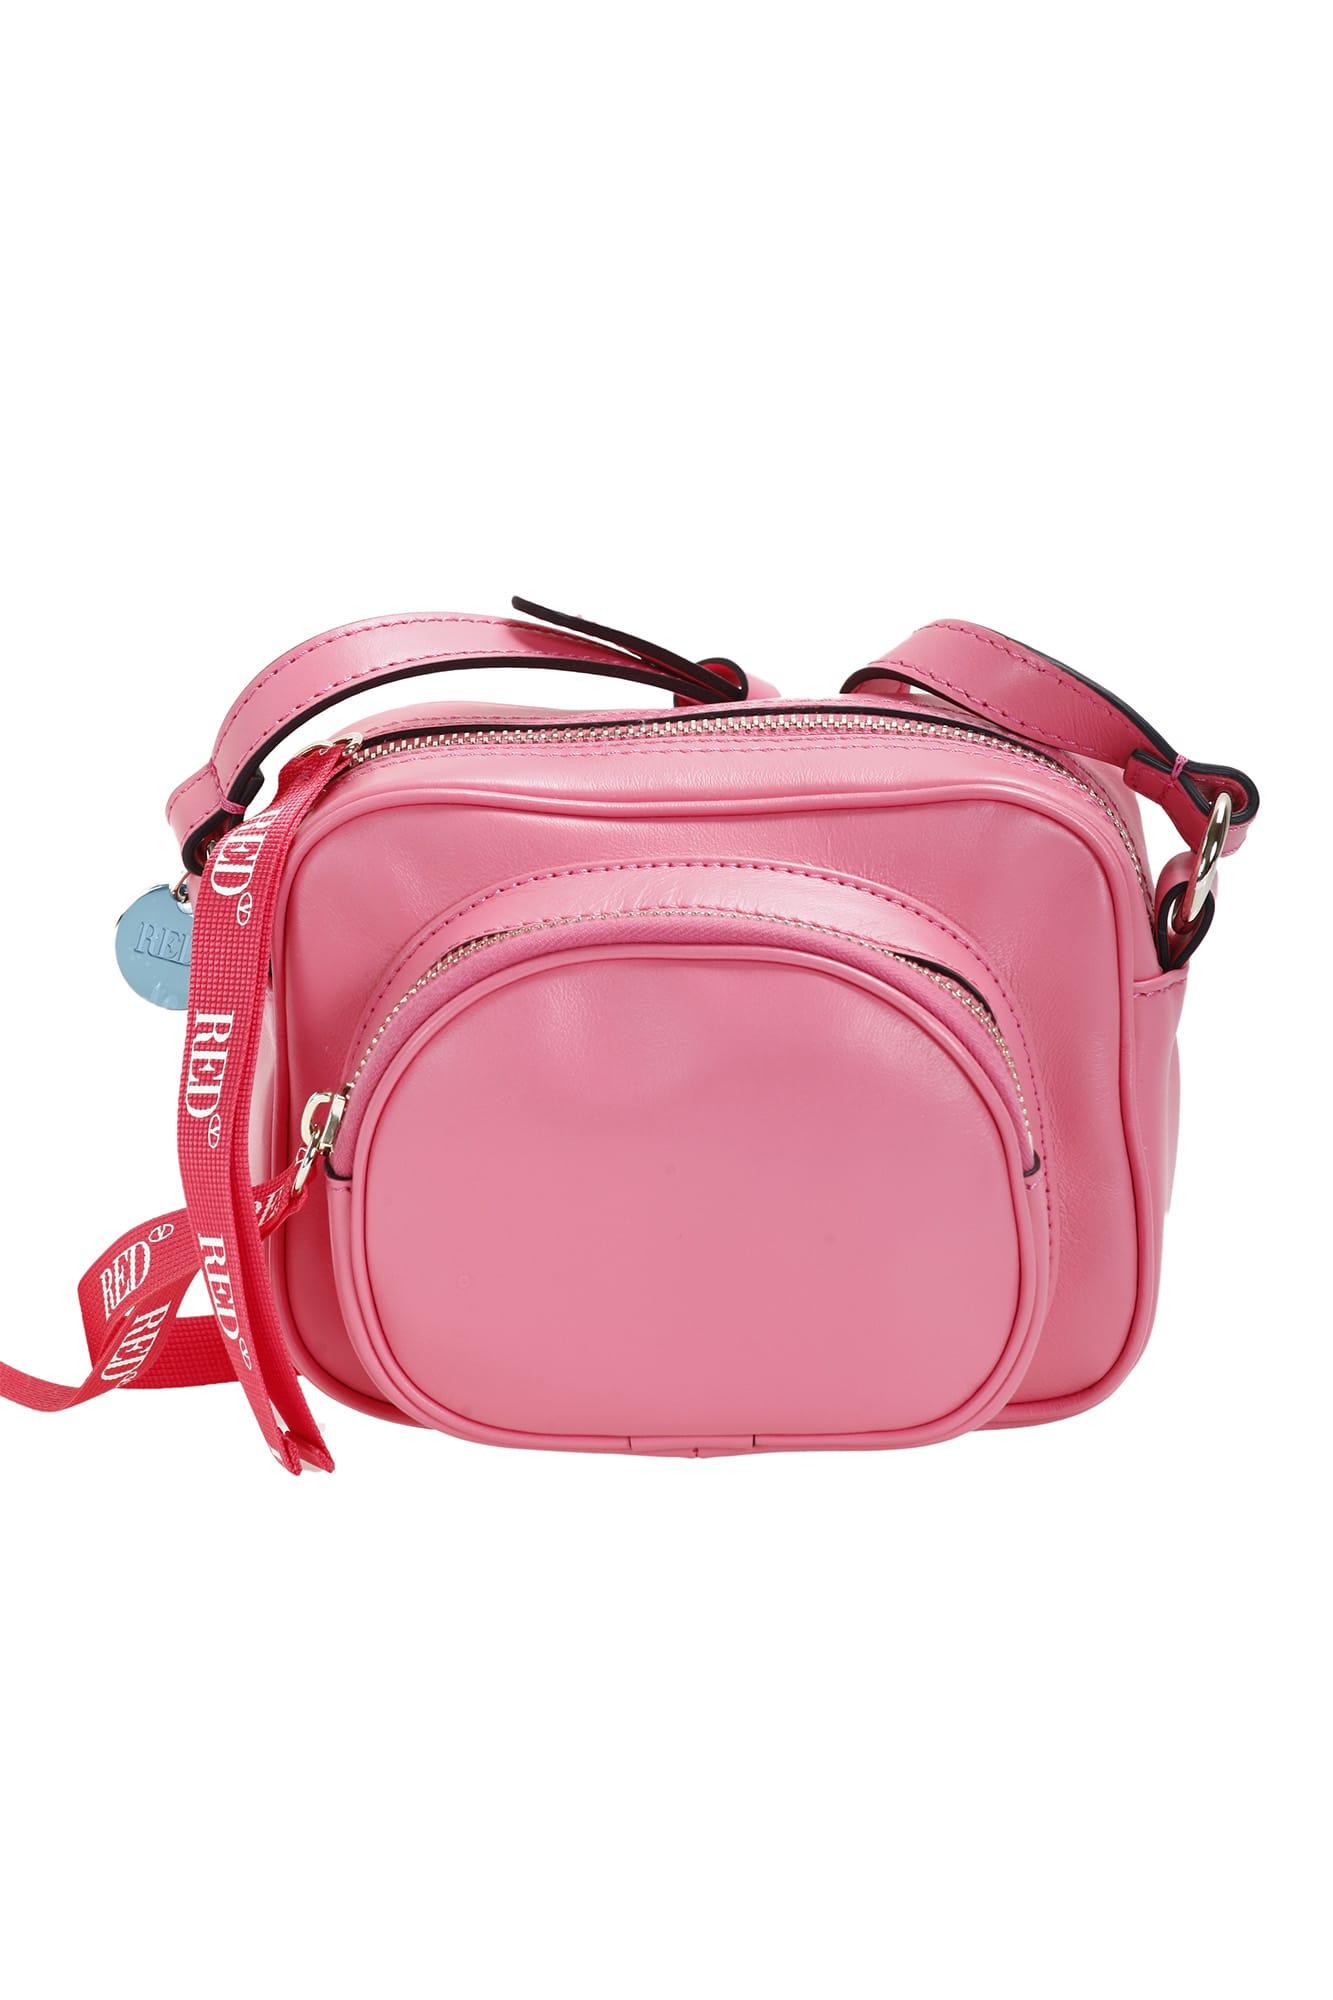 Red Valentino Shoulder Bag In Rosa